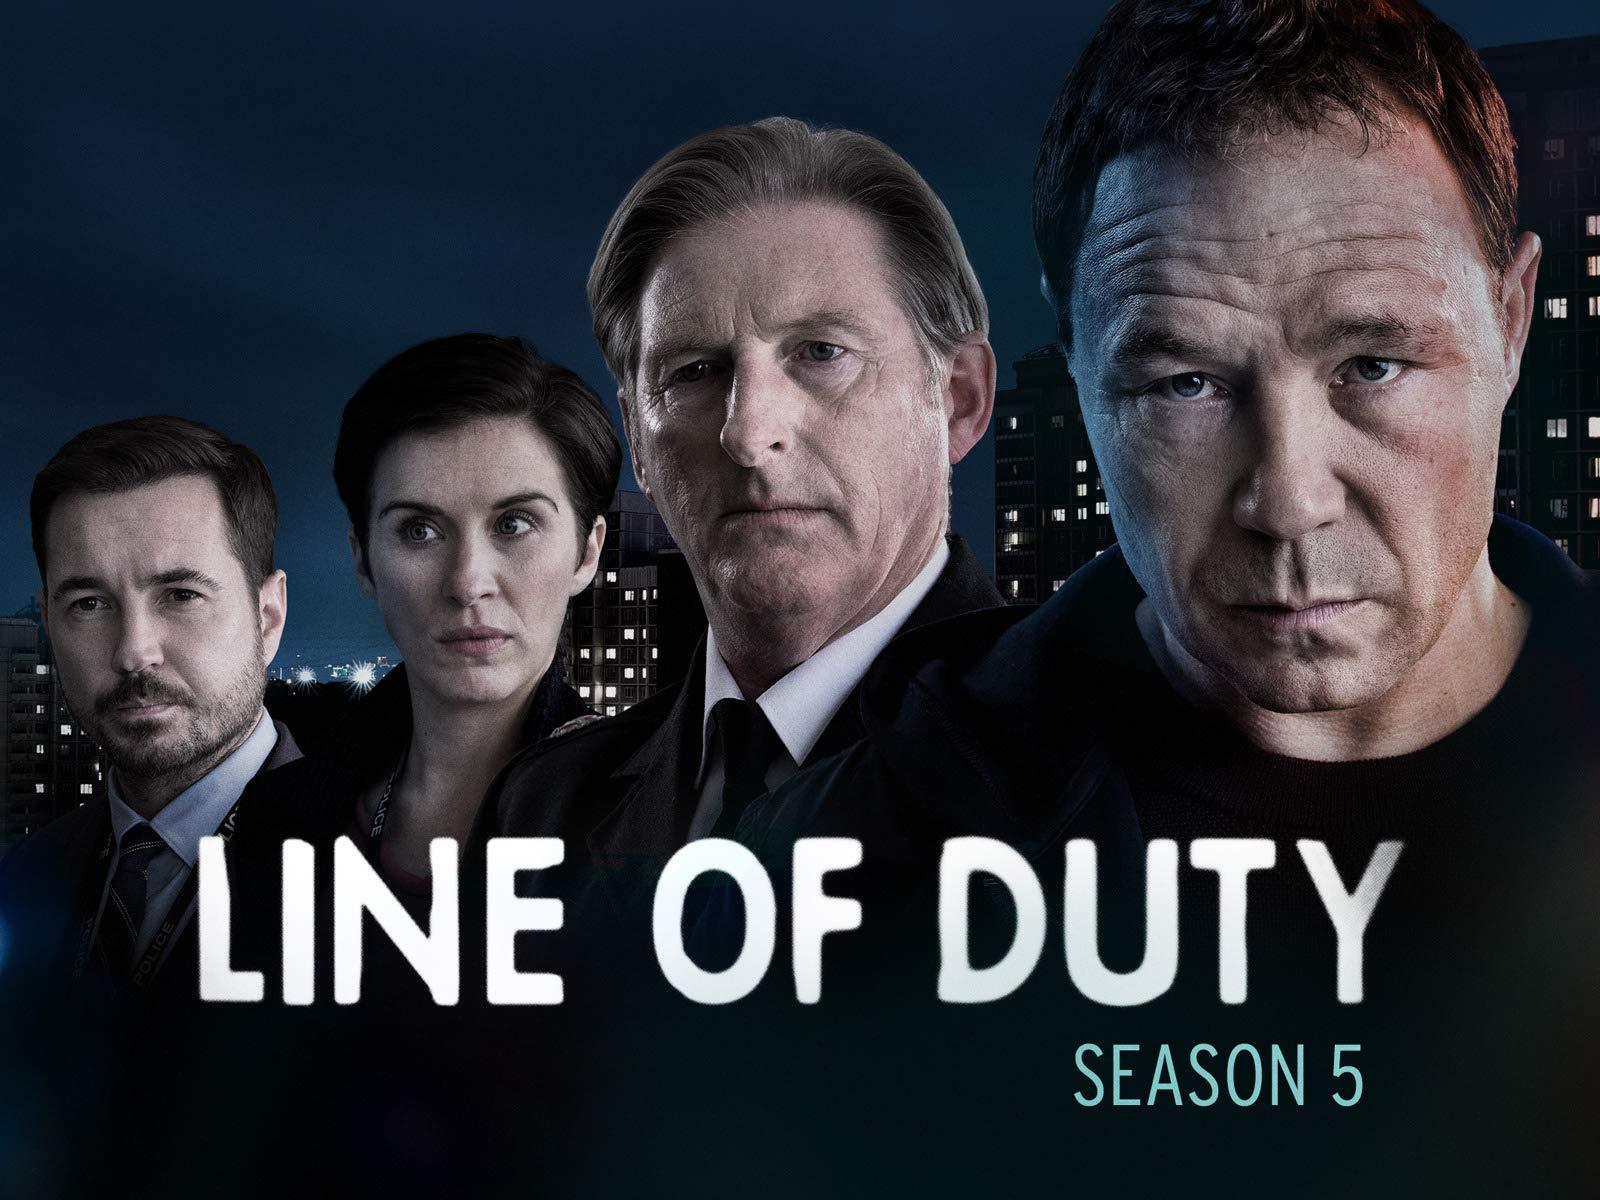 line of duty season 4 online free